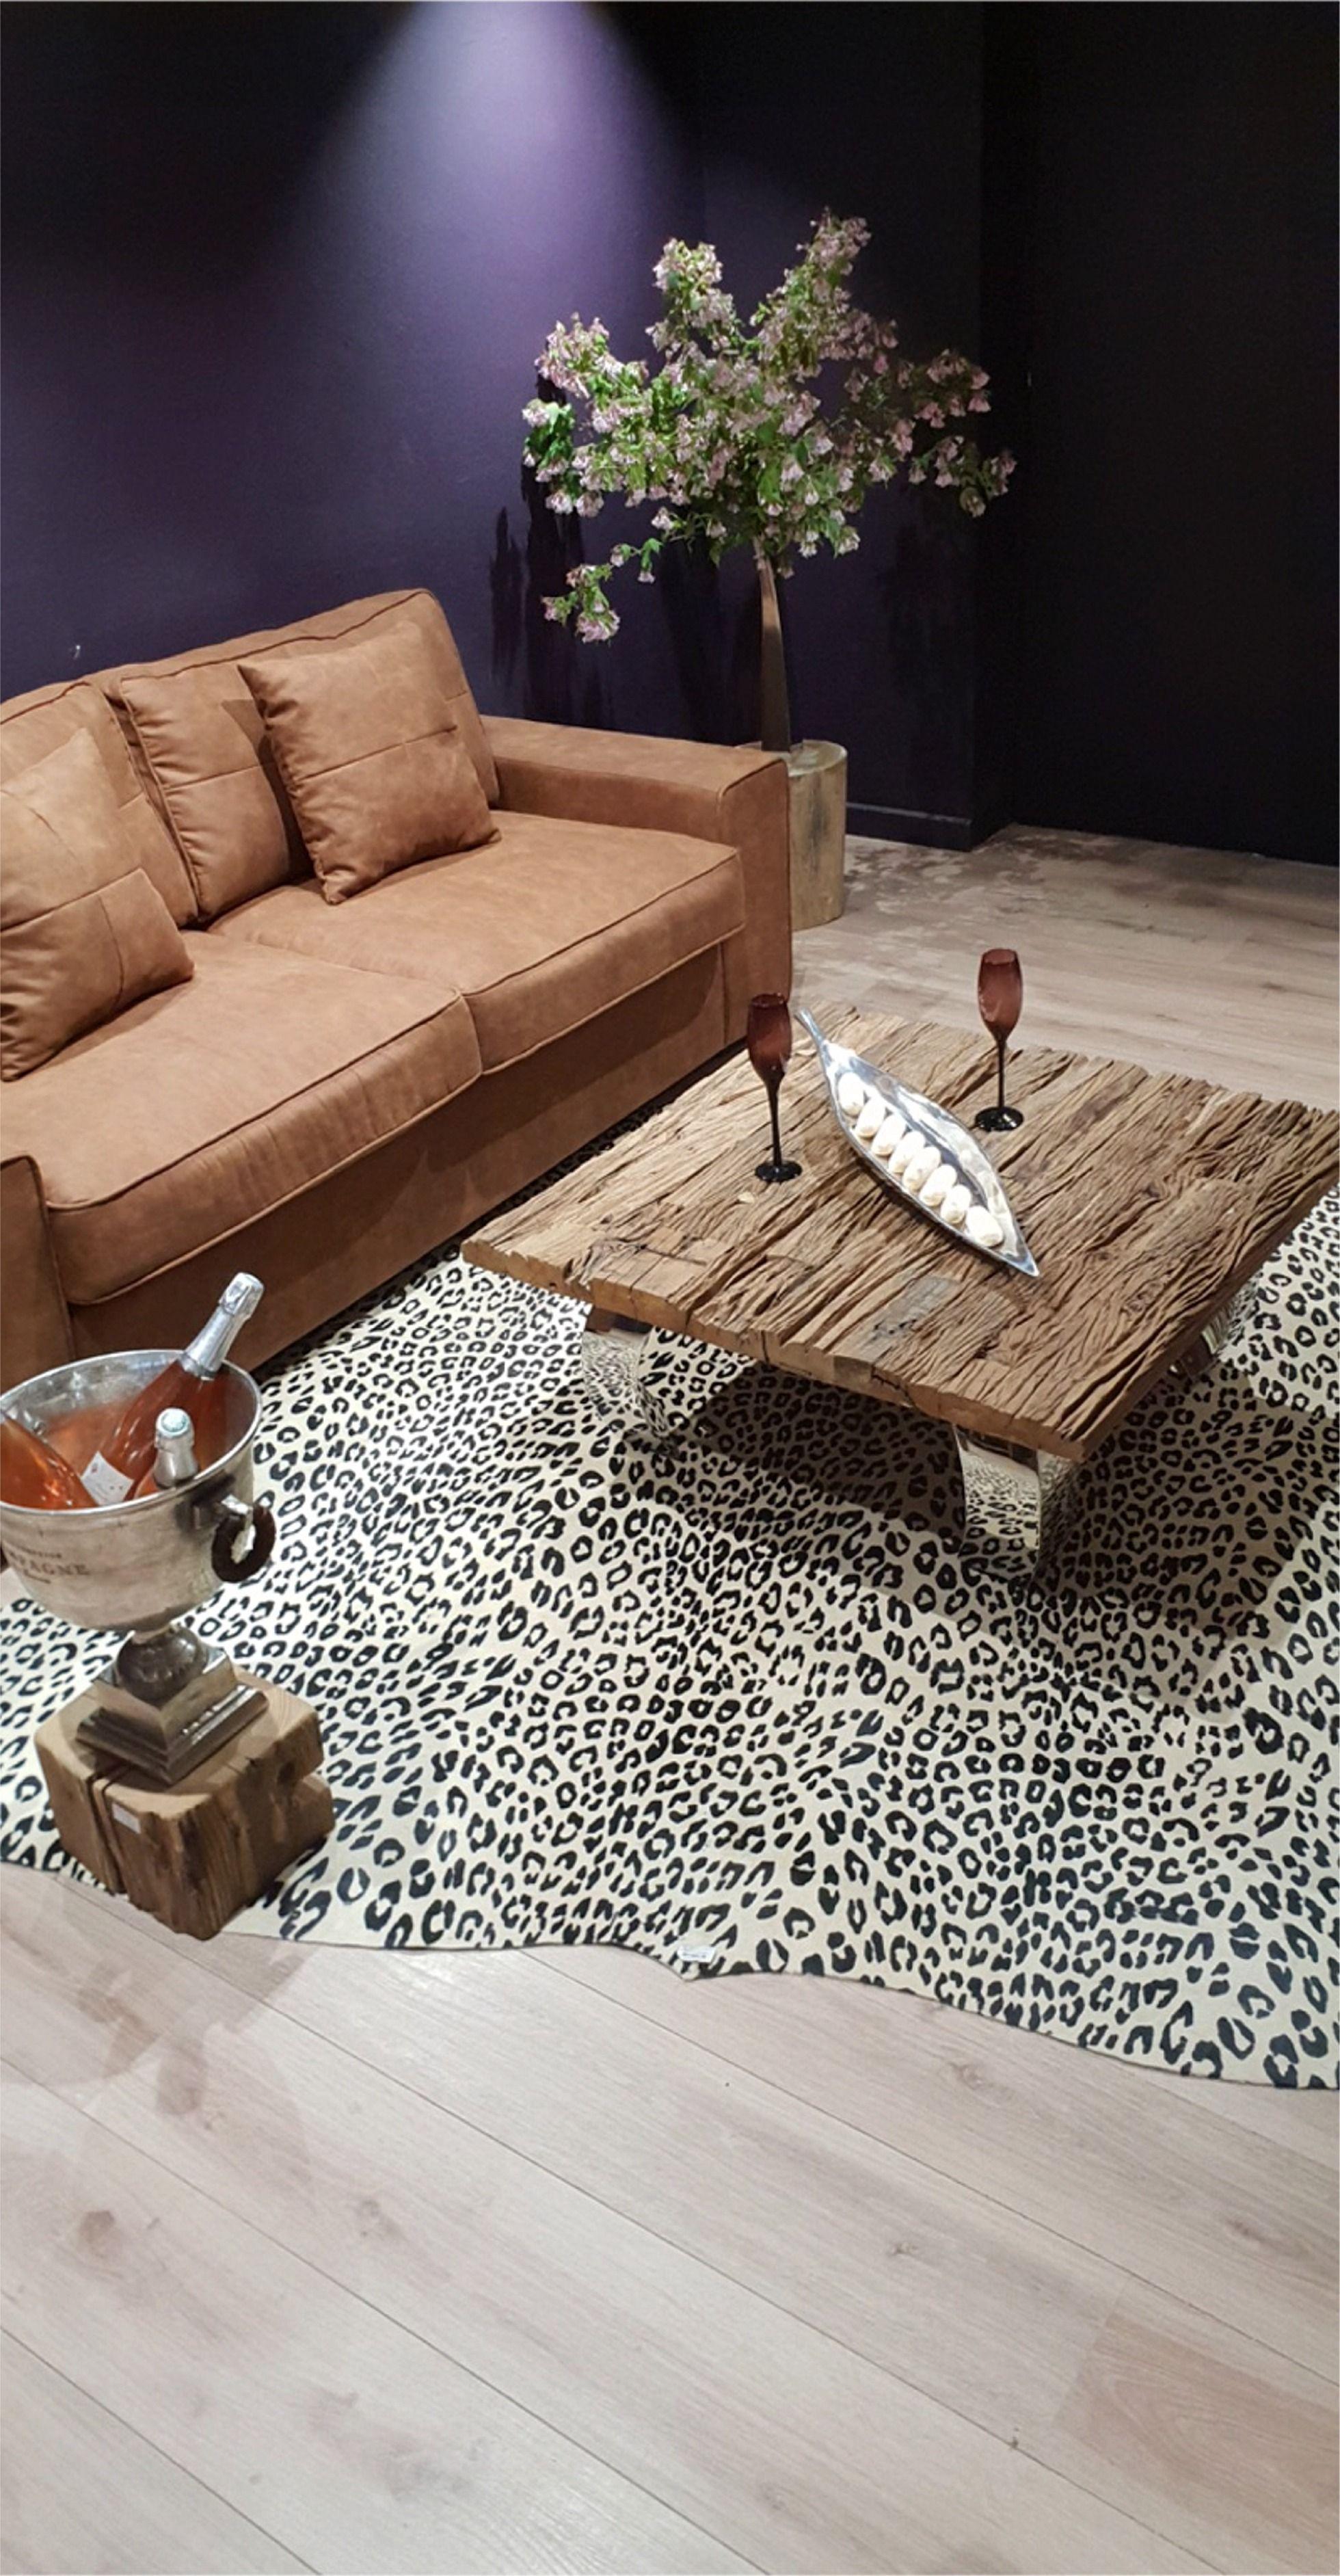 Cette Peau De Vache A Ete Imprimee Facon Leopard Elle Donnera Une Touche Exotique A Votre Interieur Decoration Montagne Decoration Maison Mobilier